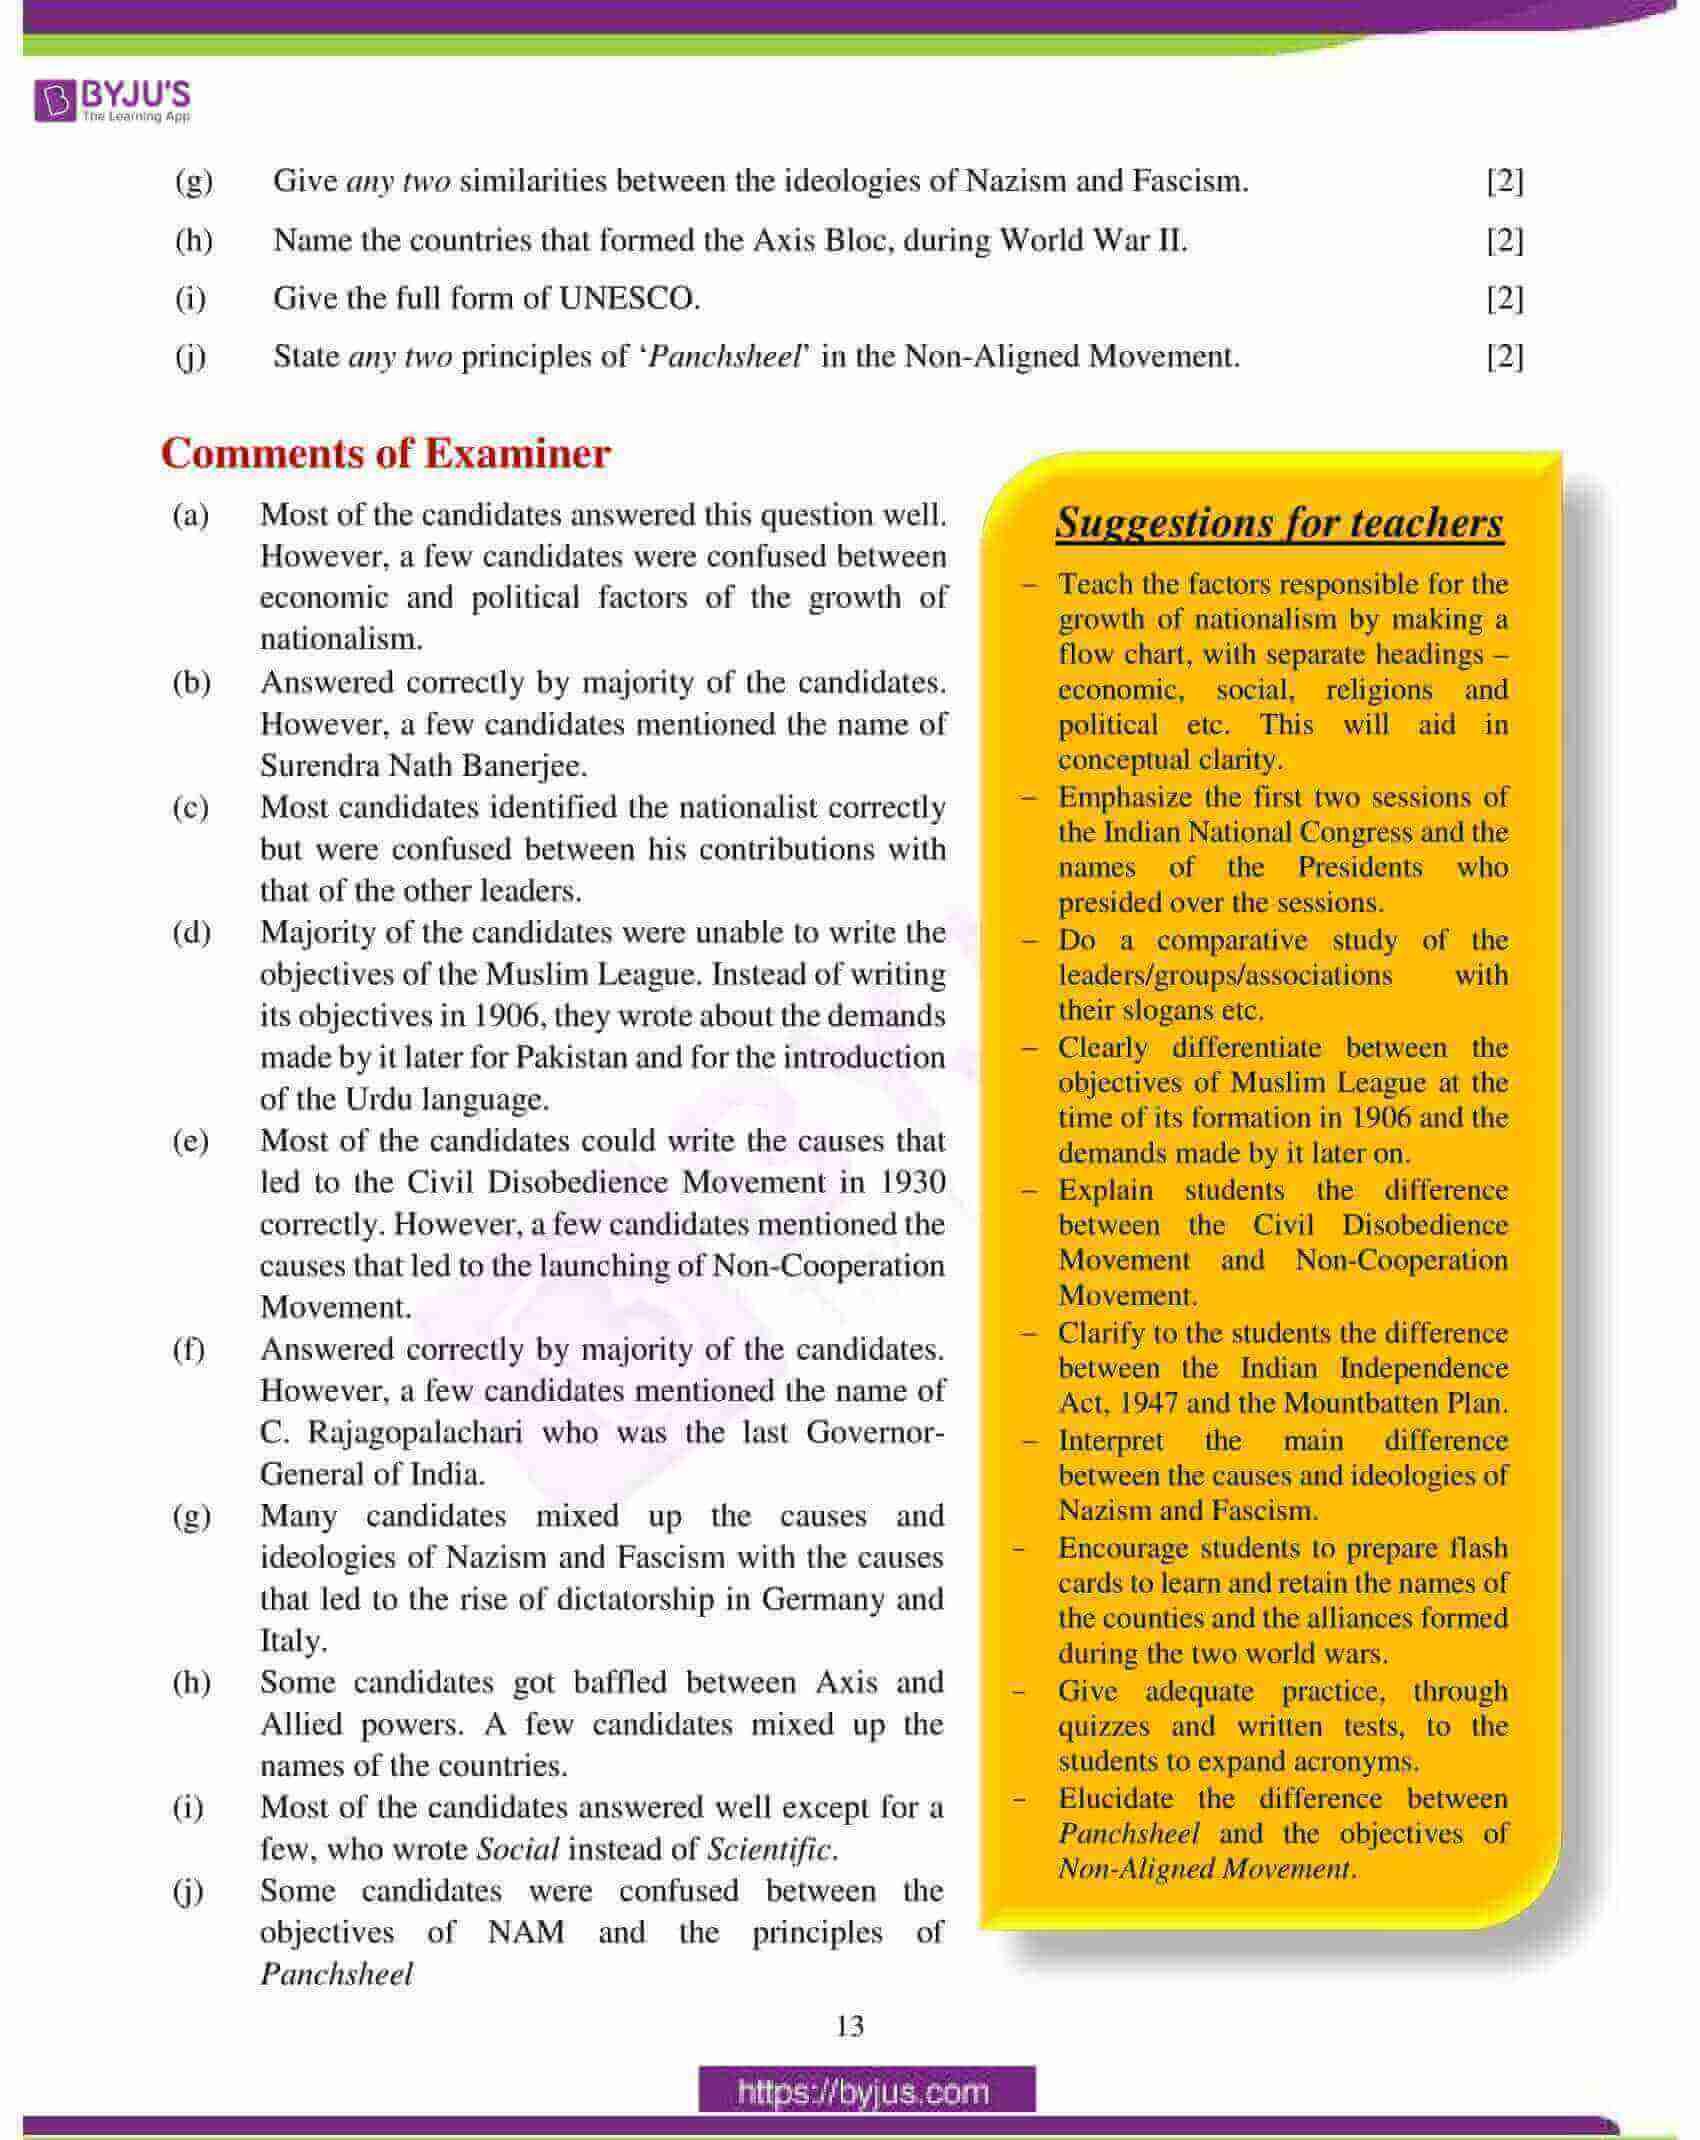 icse class 10 history civics question paper solution 2018 04